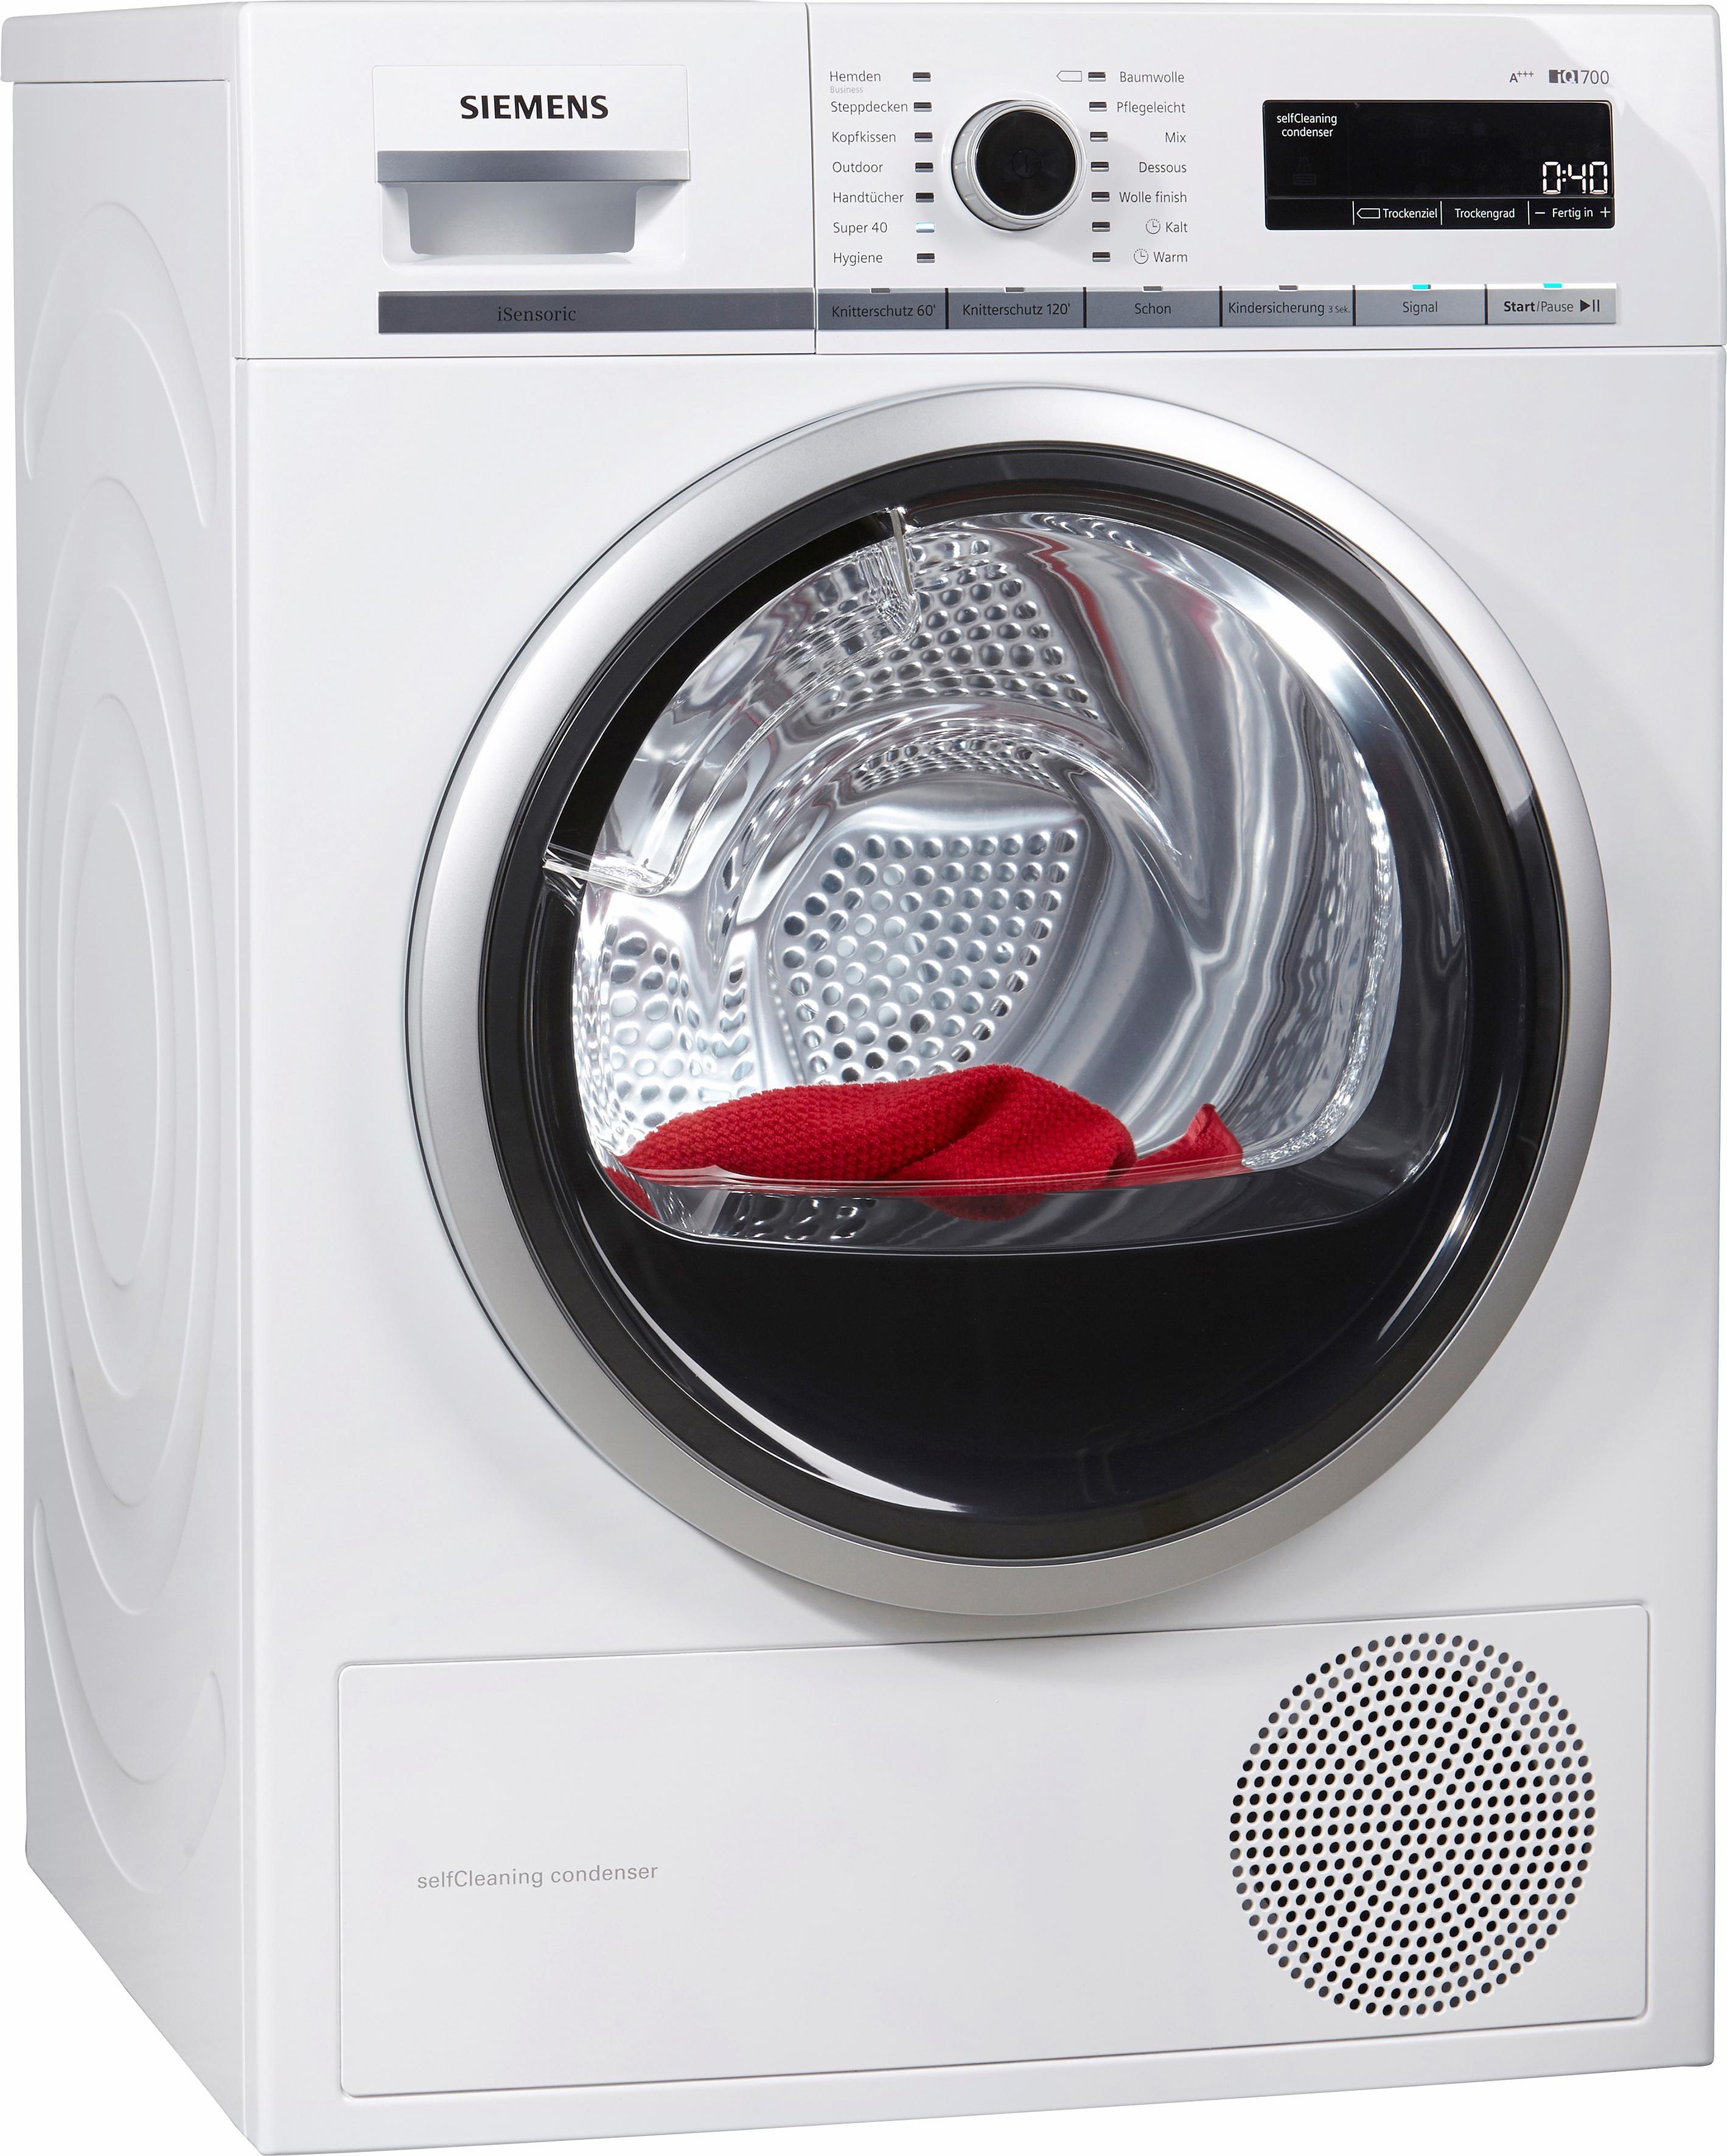 Siemens warmtepompdroger iQ700 WT47W5W0 nu online kopen bij OTTO